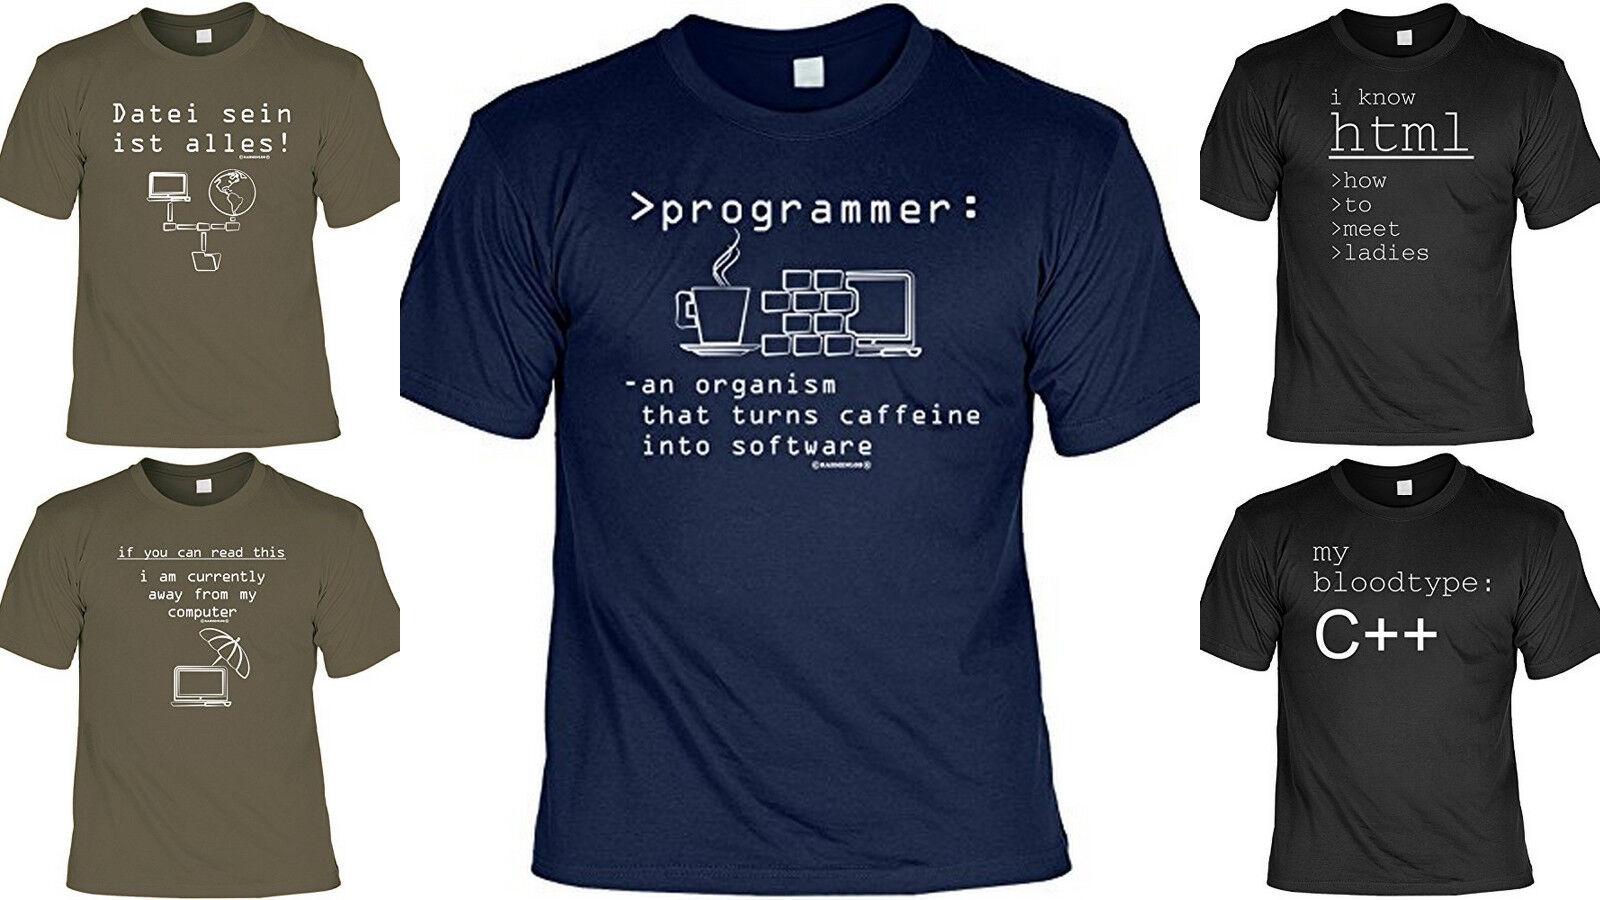 Cooles Fun Partyshirt - Funshirt Partysprüche - Computer Sprüche T-Shirt Nerd